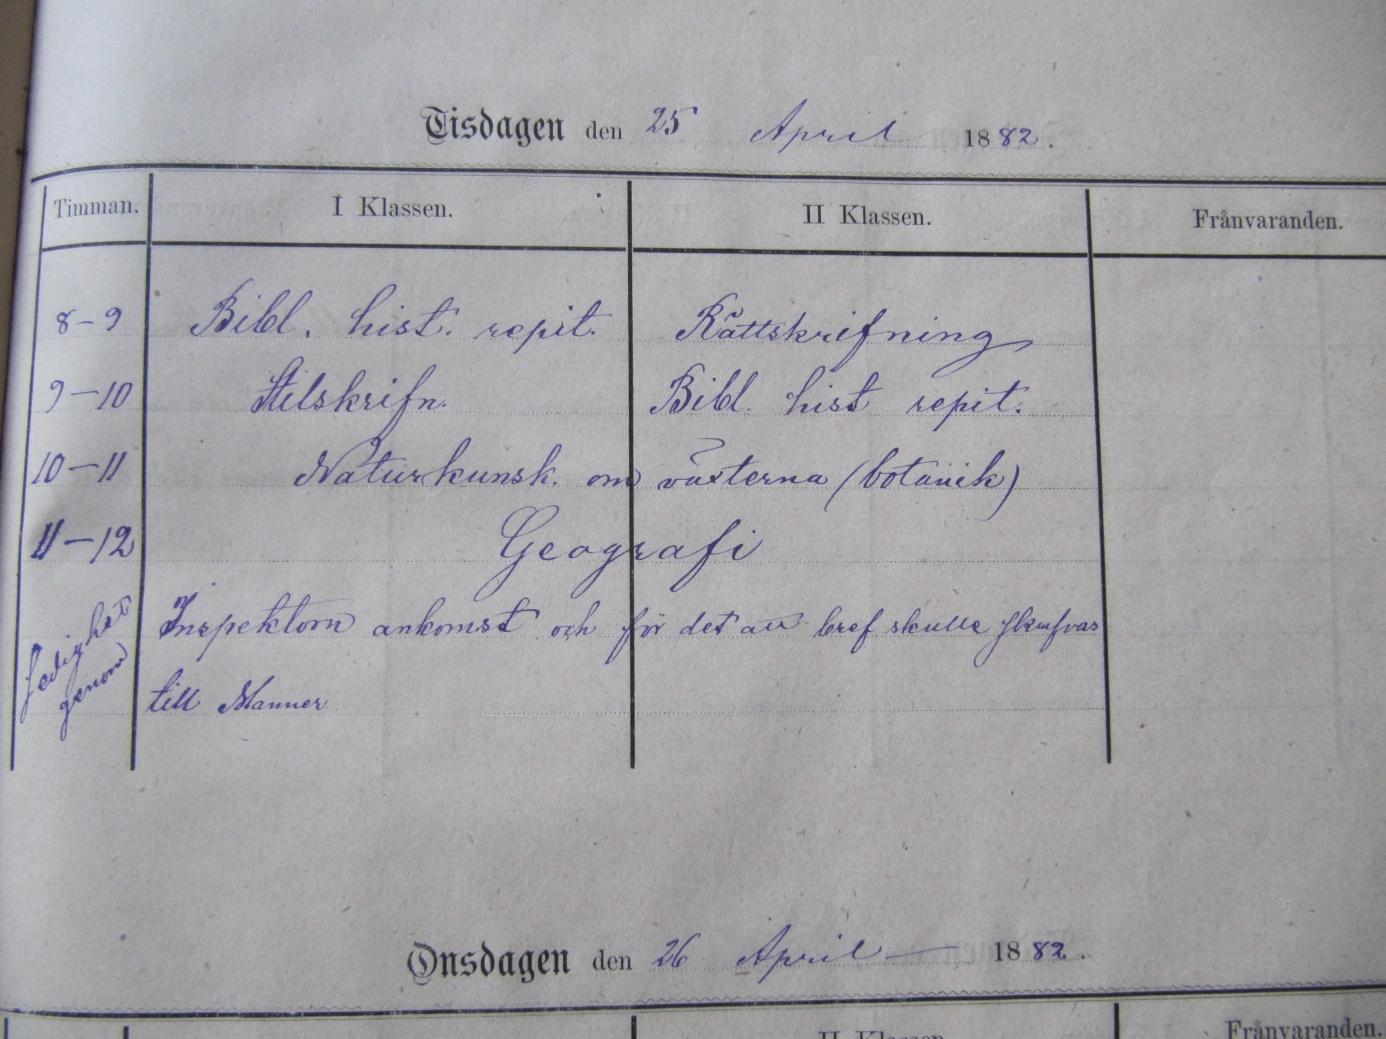 I dagboken står det att eleverna fick ledigt på eftermiddagen för att inspektören skulle komma. Det är fortfarande oklart vem som skrev denna text i dagboken och vem det var som fortsatte som lärare till slutet på läsåret.